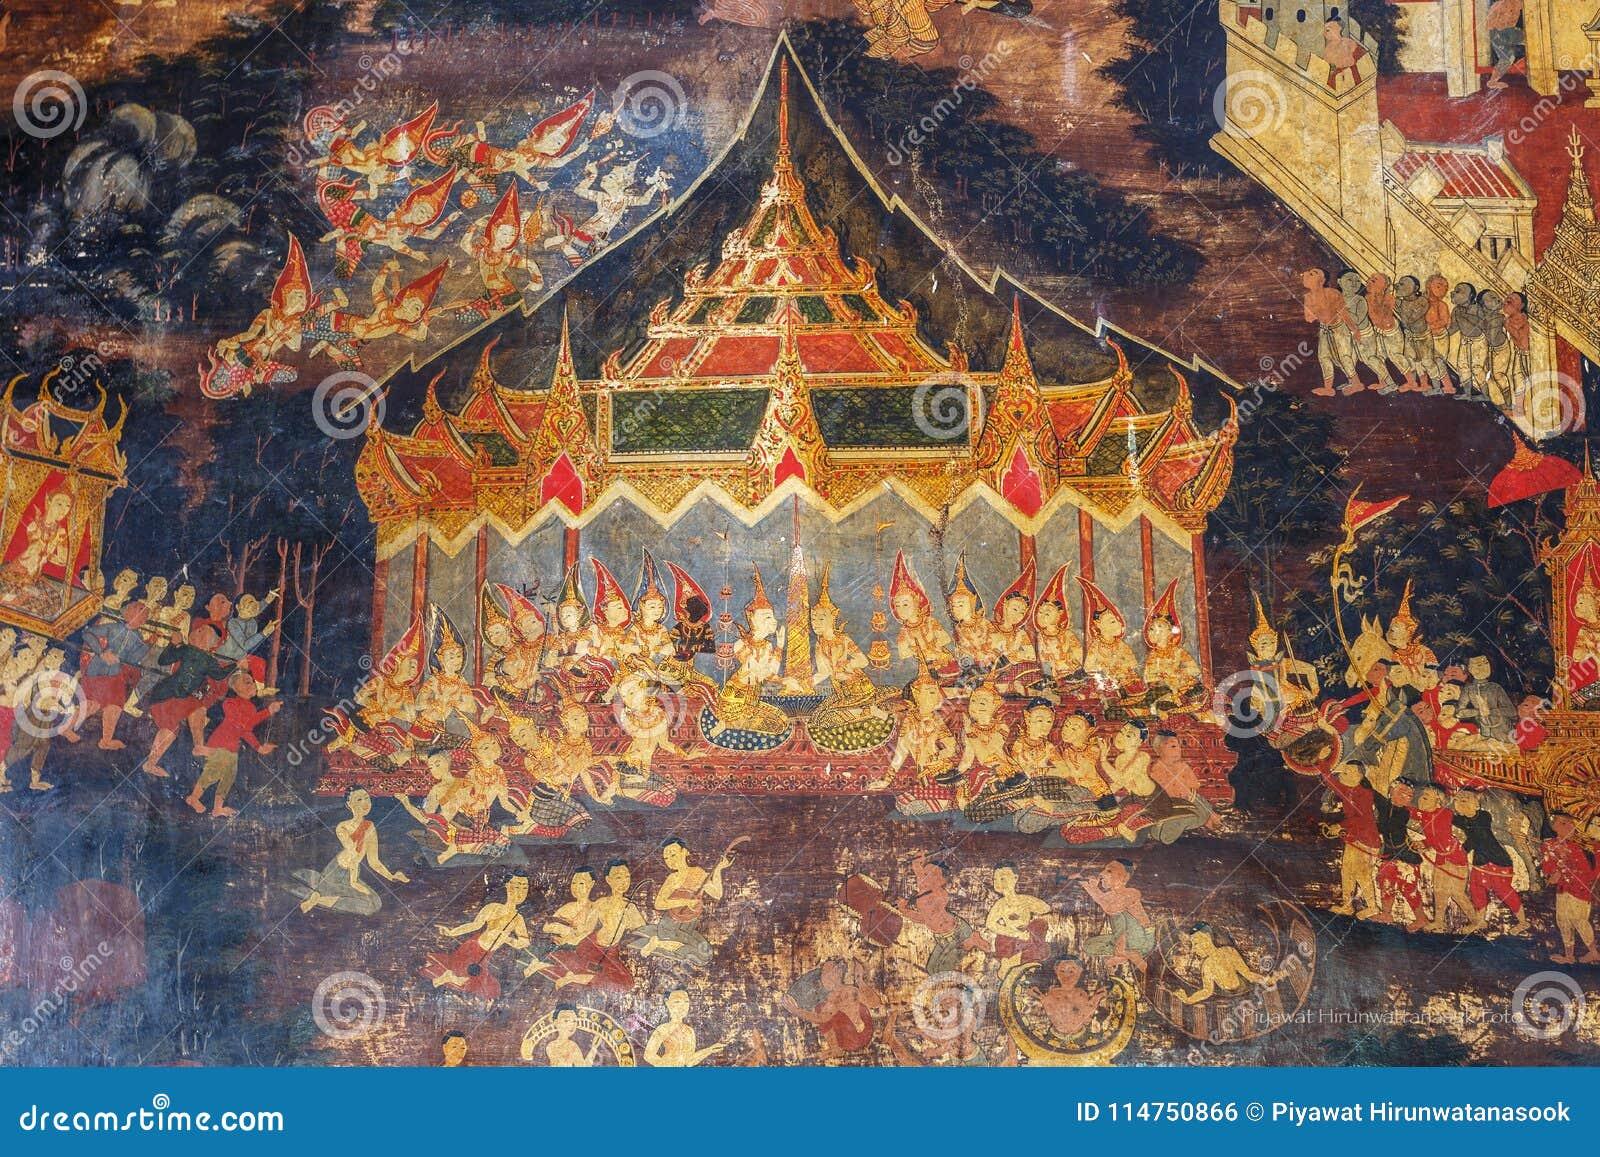 Historiskt ställe, Wat Ubosatharam Templet inhyser många kulturföremål liksom väggväggmålningar som föreställer stilen av tidiga